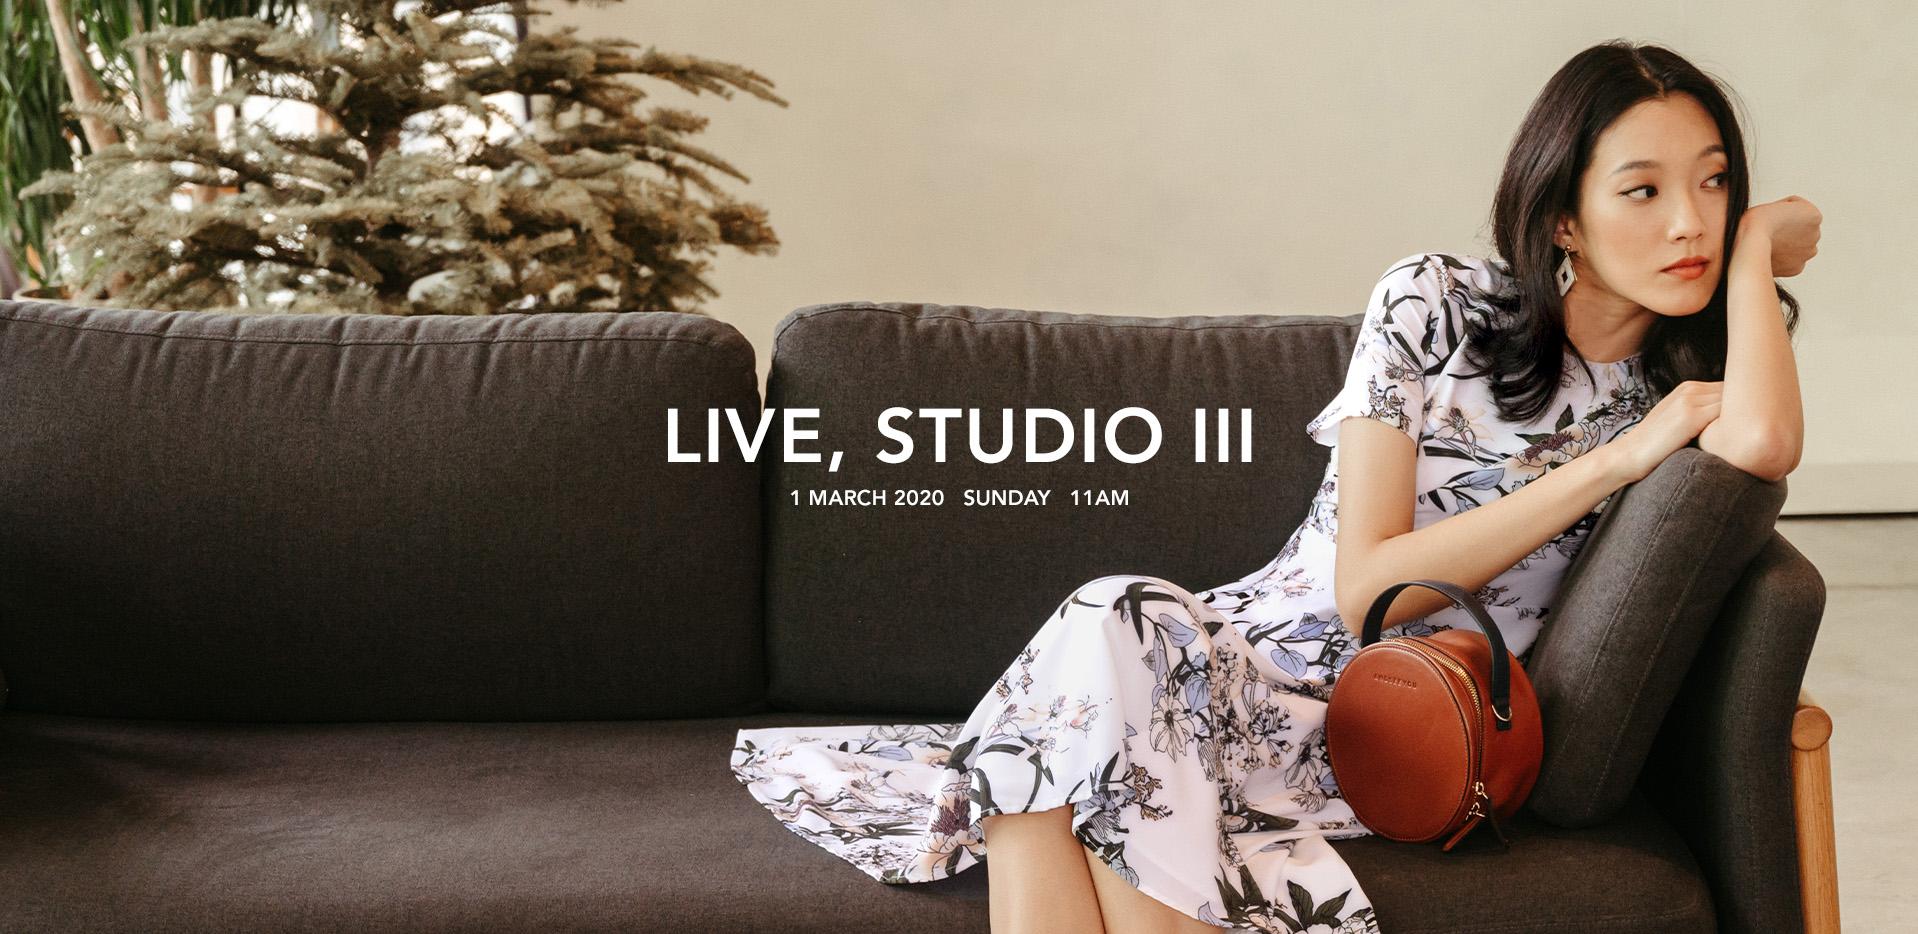 LIVE, STUDIO III